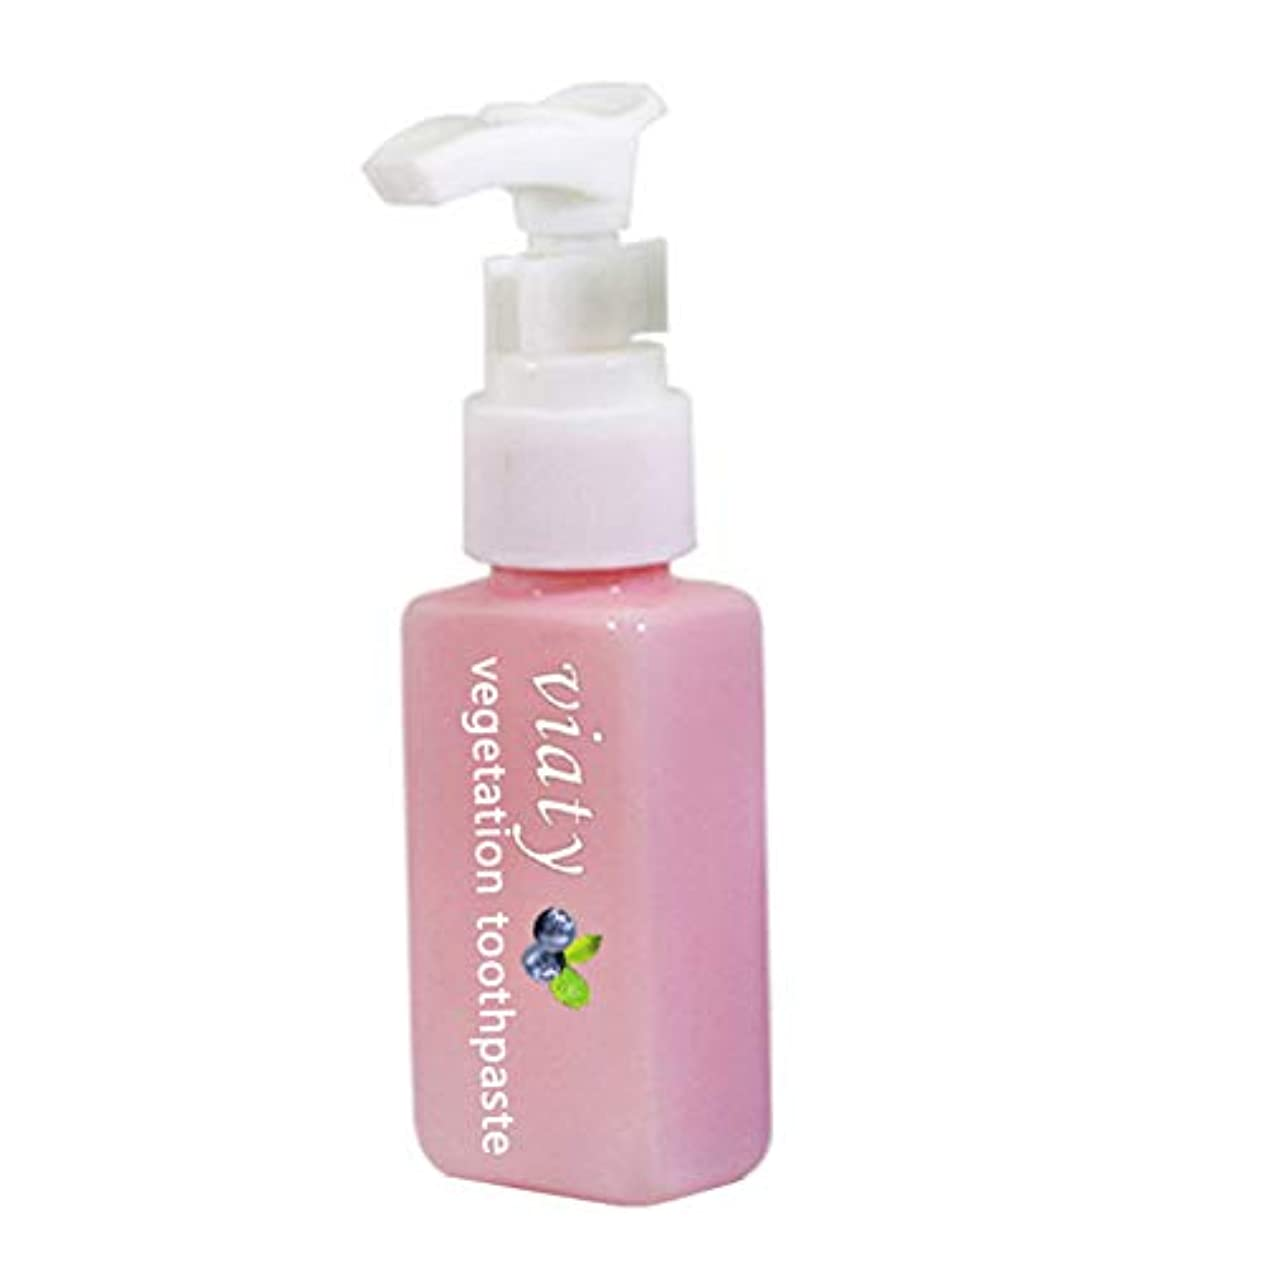 欺コンサート分数Tenflyer歯磨き粉アンチブリードガムプレスタイプ新鮮な歯磨き粉を白くする汚れ除去剤